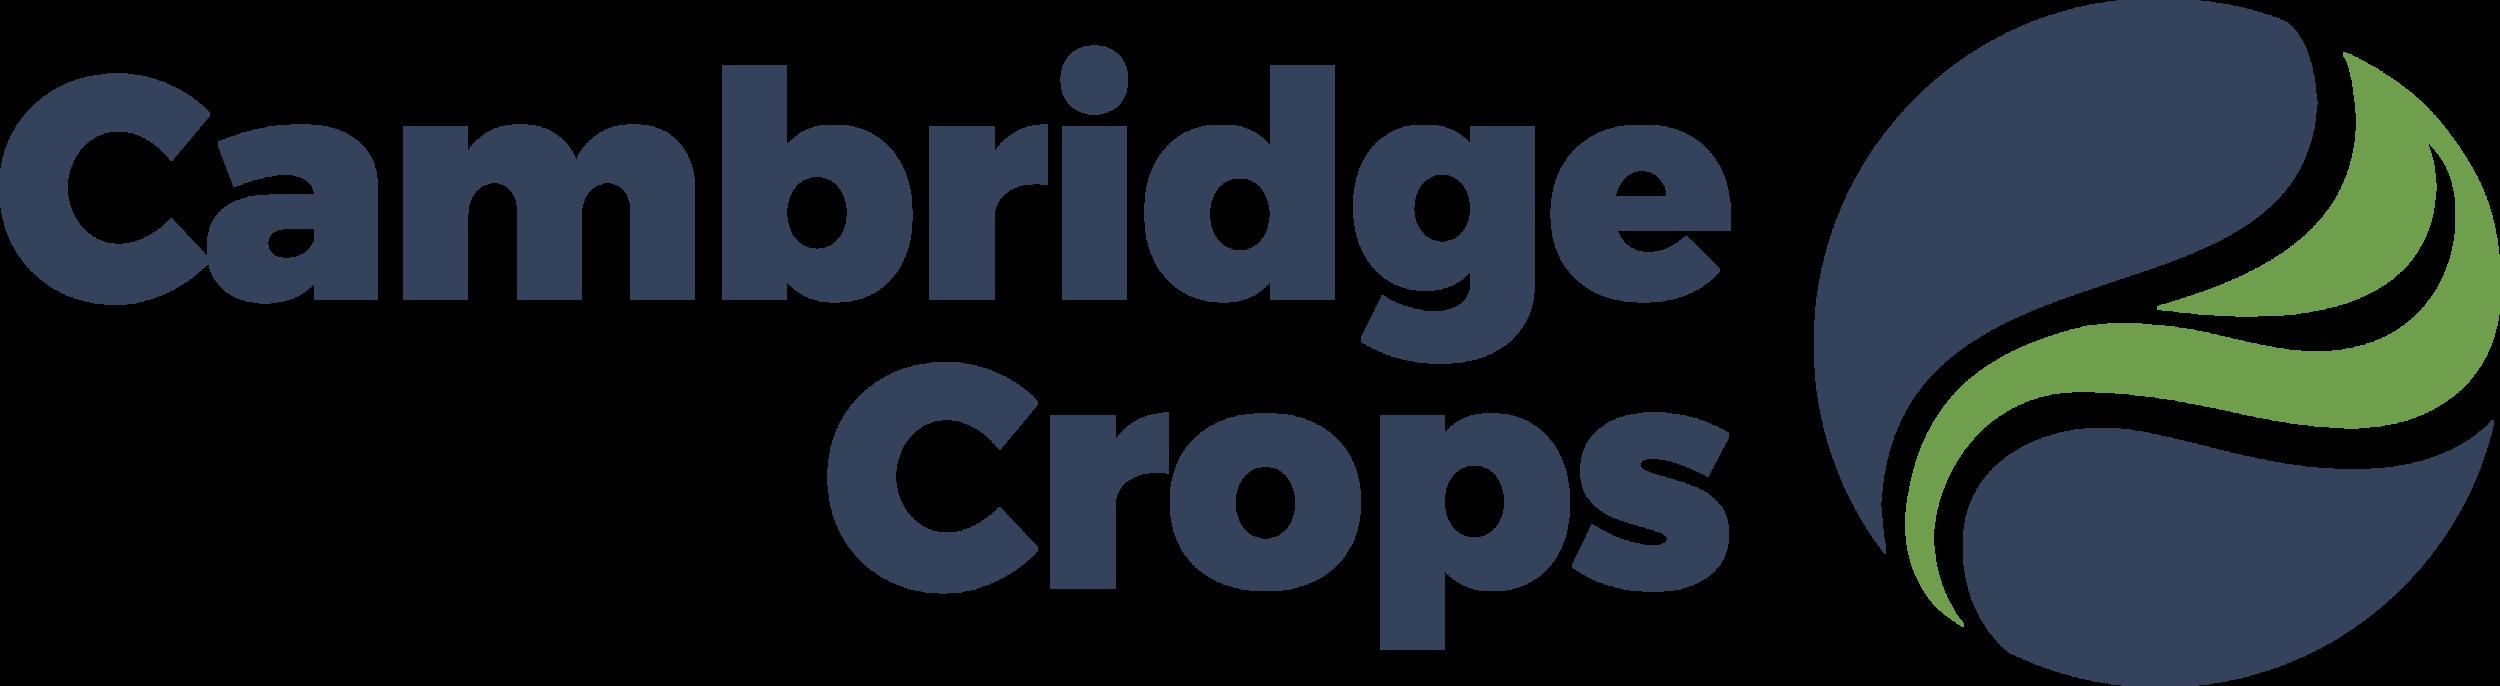 Cambridge Crops logo_hi-res.png